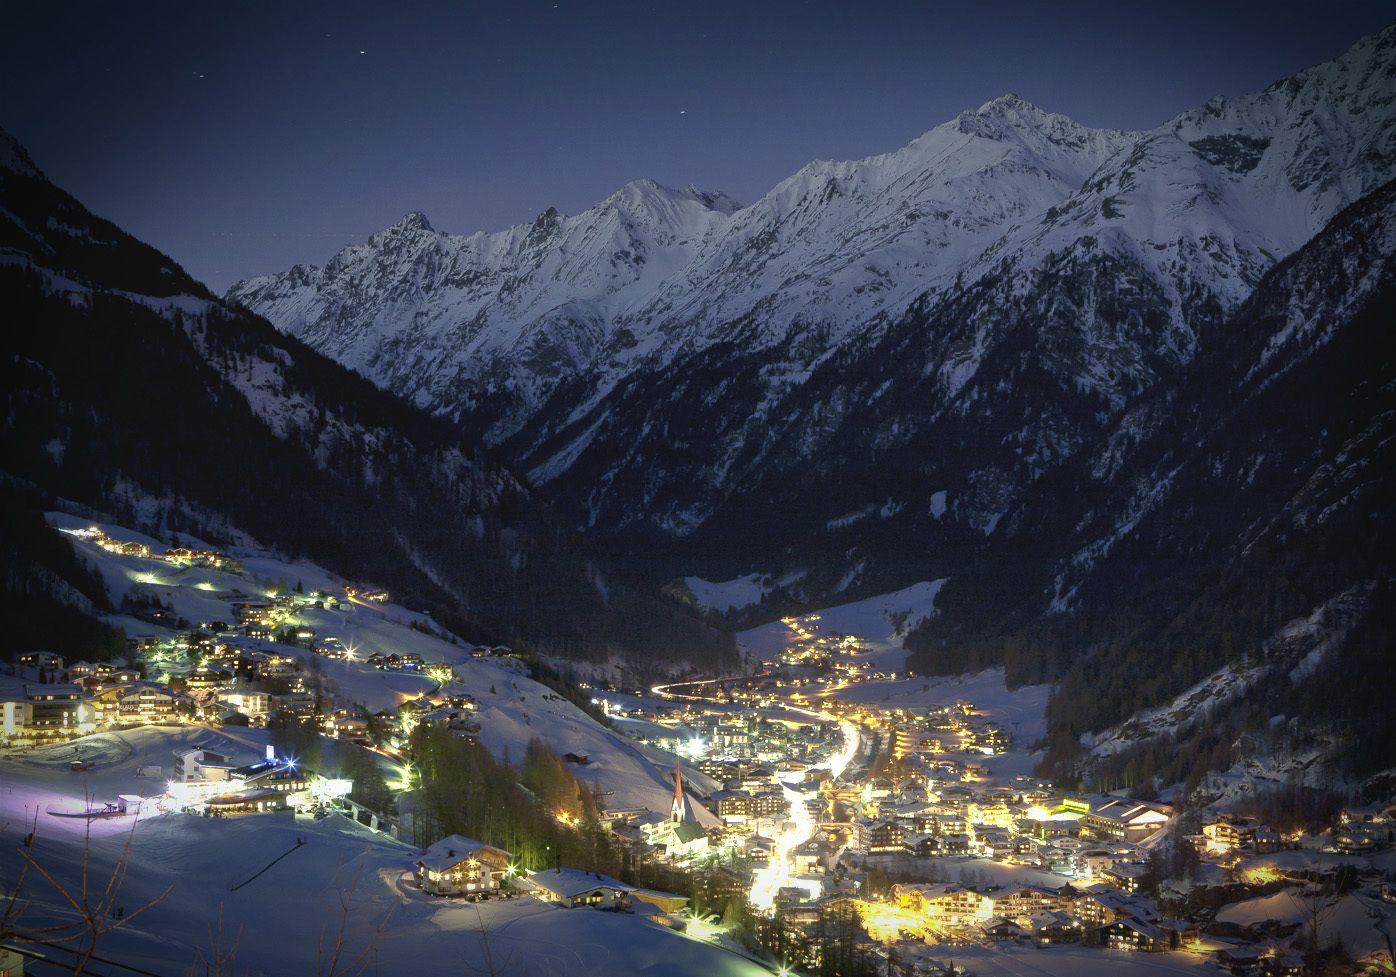 Skiurlaub Angebote und Pauschalen Slden / Tirol / sterreich